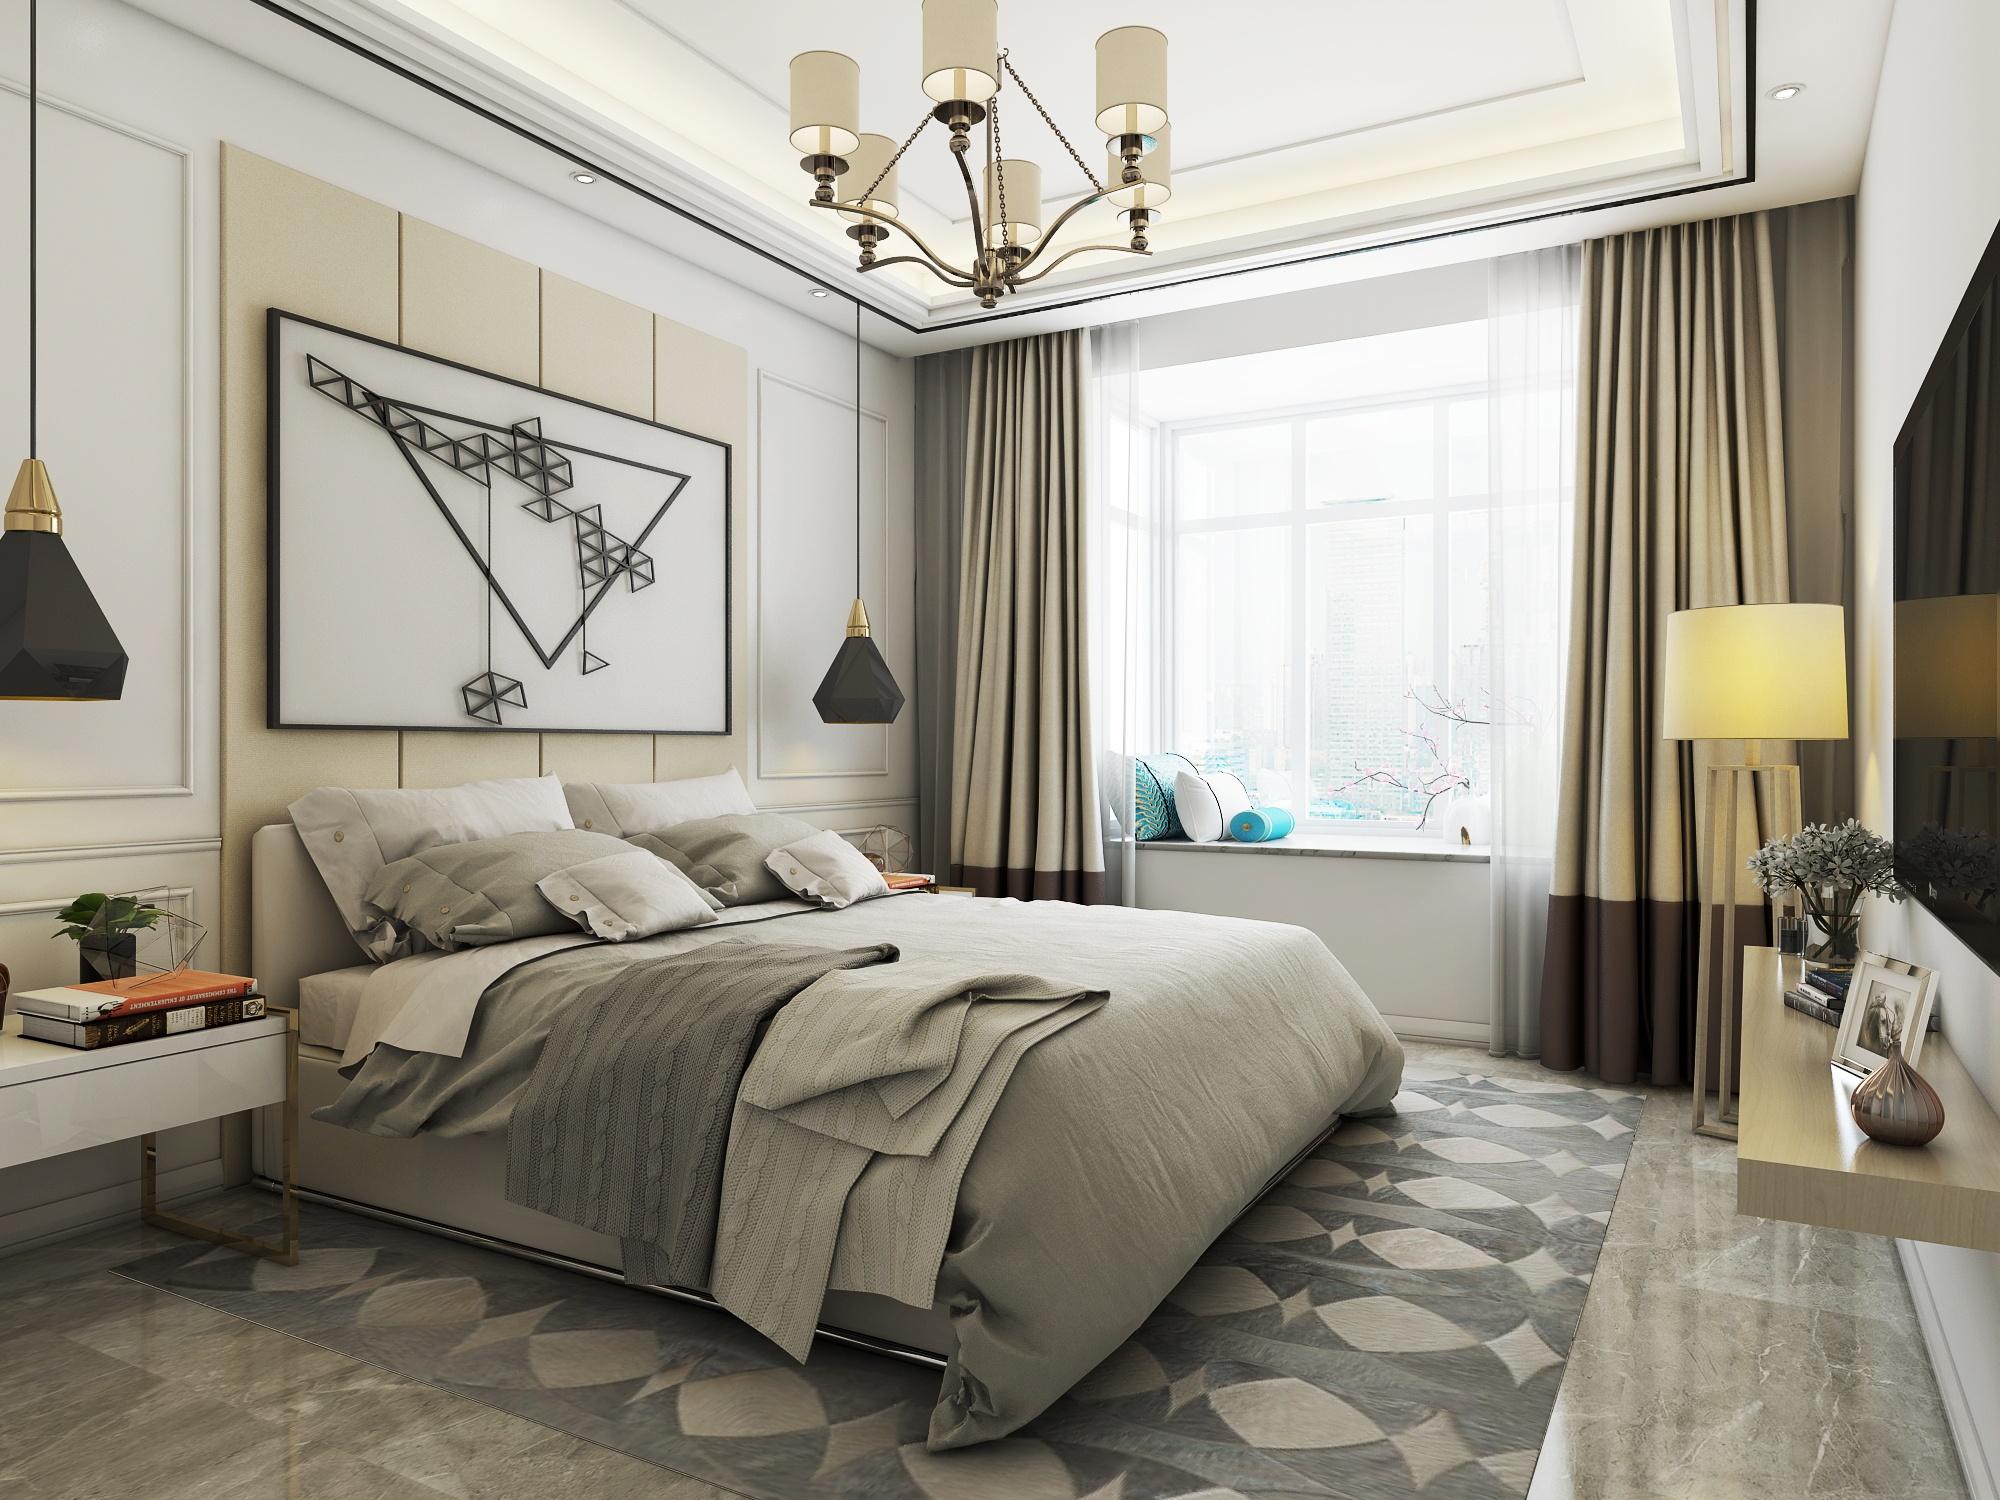 背景墙 房间 家居 起居室 设计 卧室 卧室装修 现代 装修 2000_1500图片